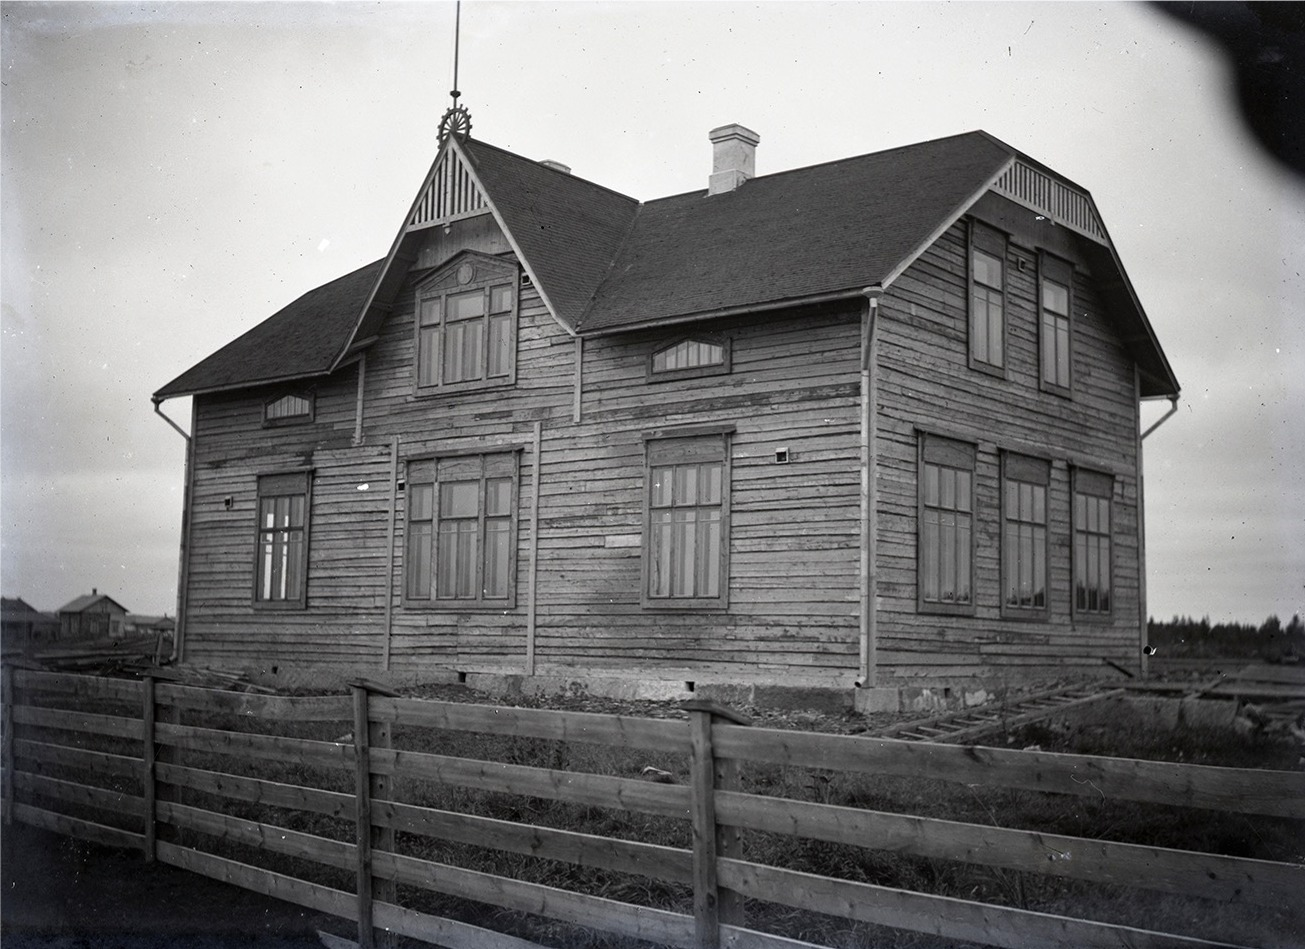 Skolbyggnaden i Perus eller den Östra folkskolan i Lappfjärd är också uppförd av Viktor Nylund och den stod färdig 1912. Den tidigare skolbyggnaden i Perus som blev färdig i november 1908, förstördes i en brand i september 1910. En del av virket till den nya skolan togs av den gamla, ur bruk tagna skolbyggnaden i Dagsmark. De Dagsmarkbor som år 1860 byggde det första skolhuset i Dagsmark, skulle nog känna sig nöjda och belåtna om de visste att åtminstone virket av det fortfarande används.